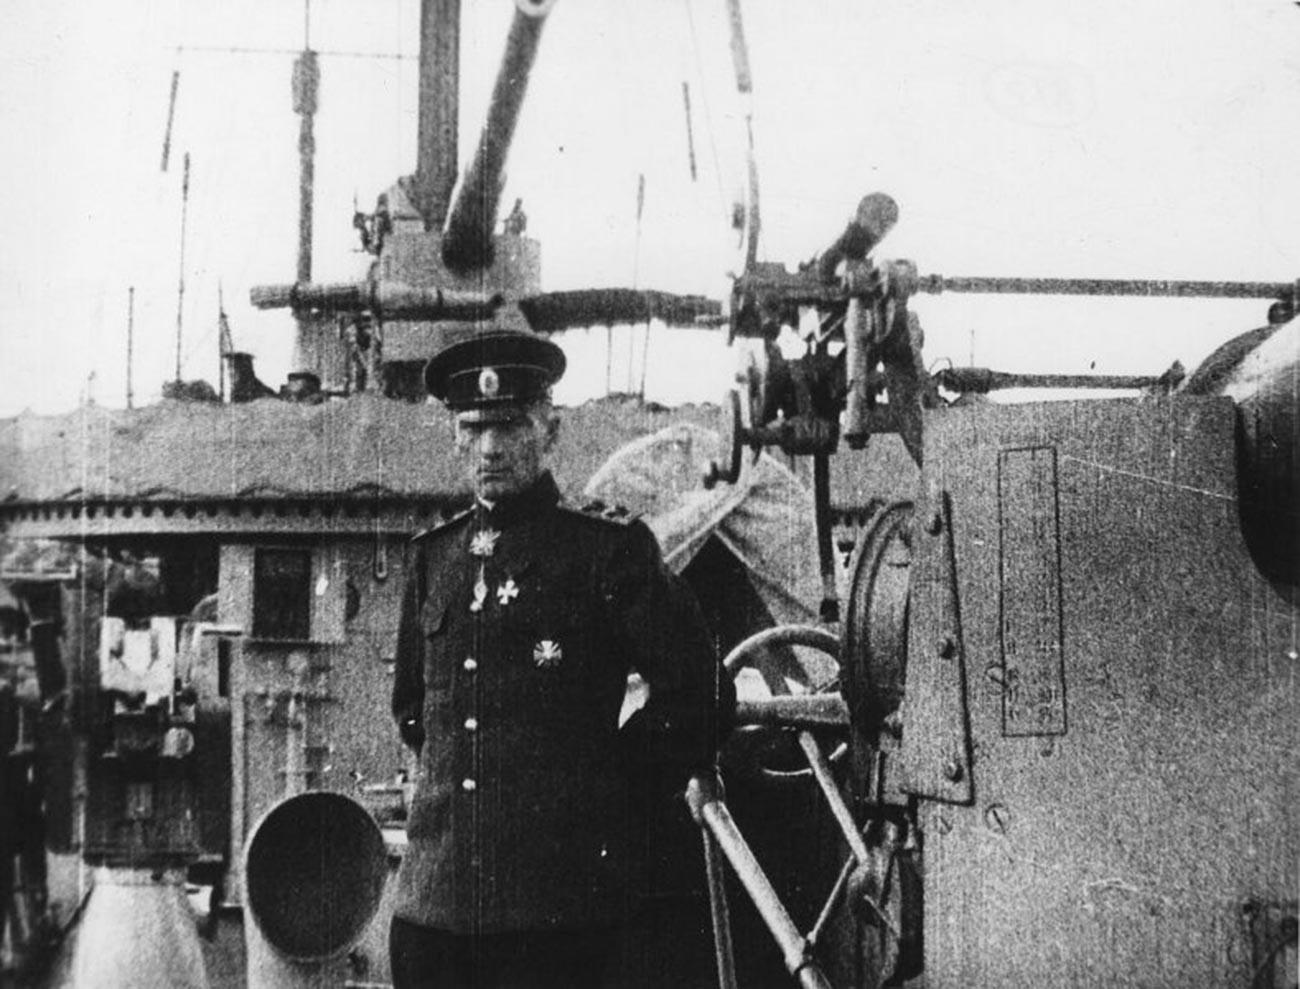 Aleksandr Kolchak, comandante della Flotta del Mar Nero